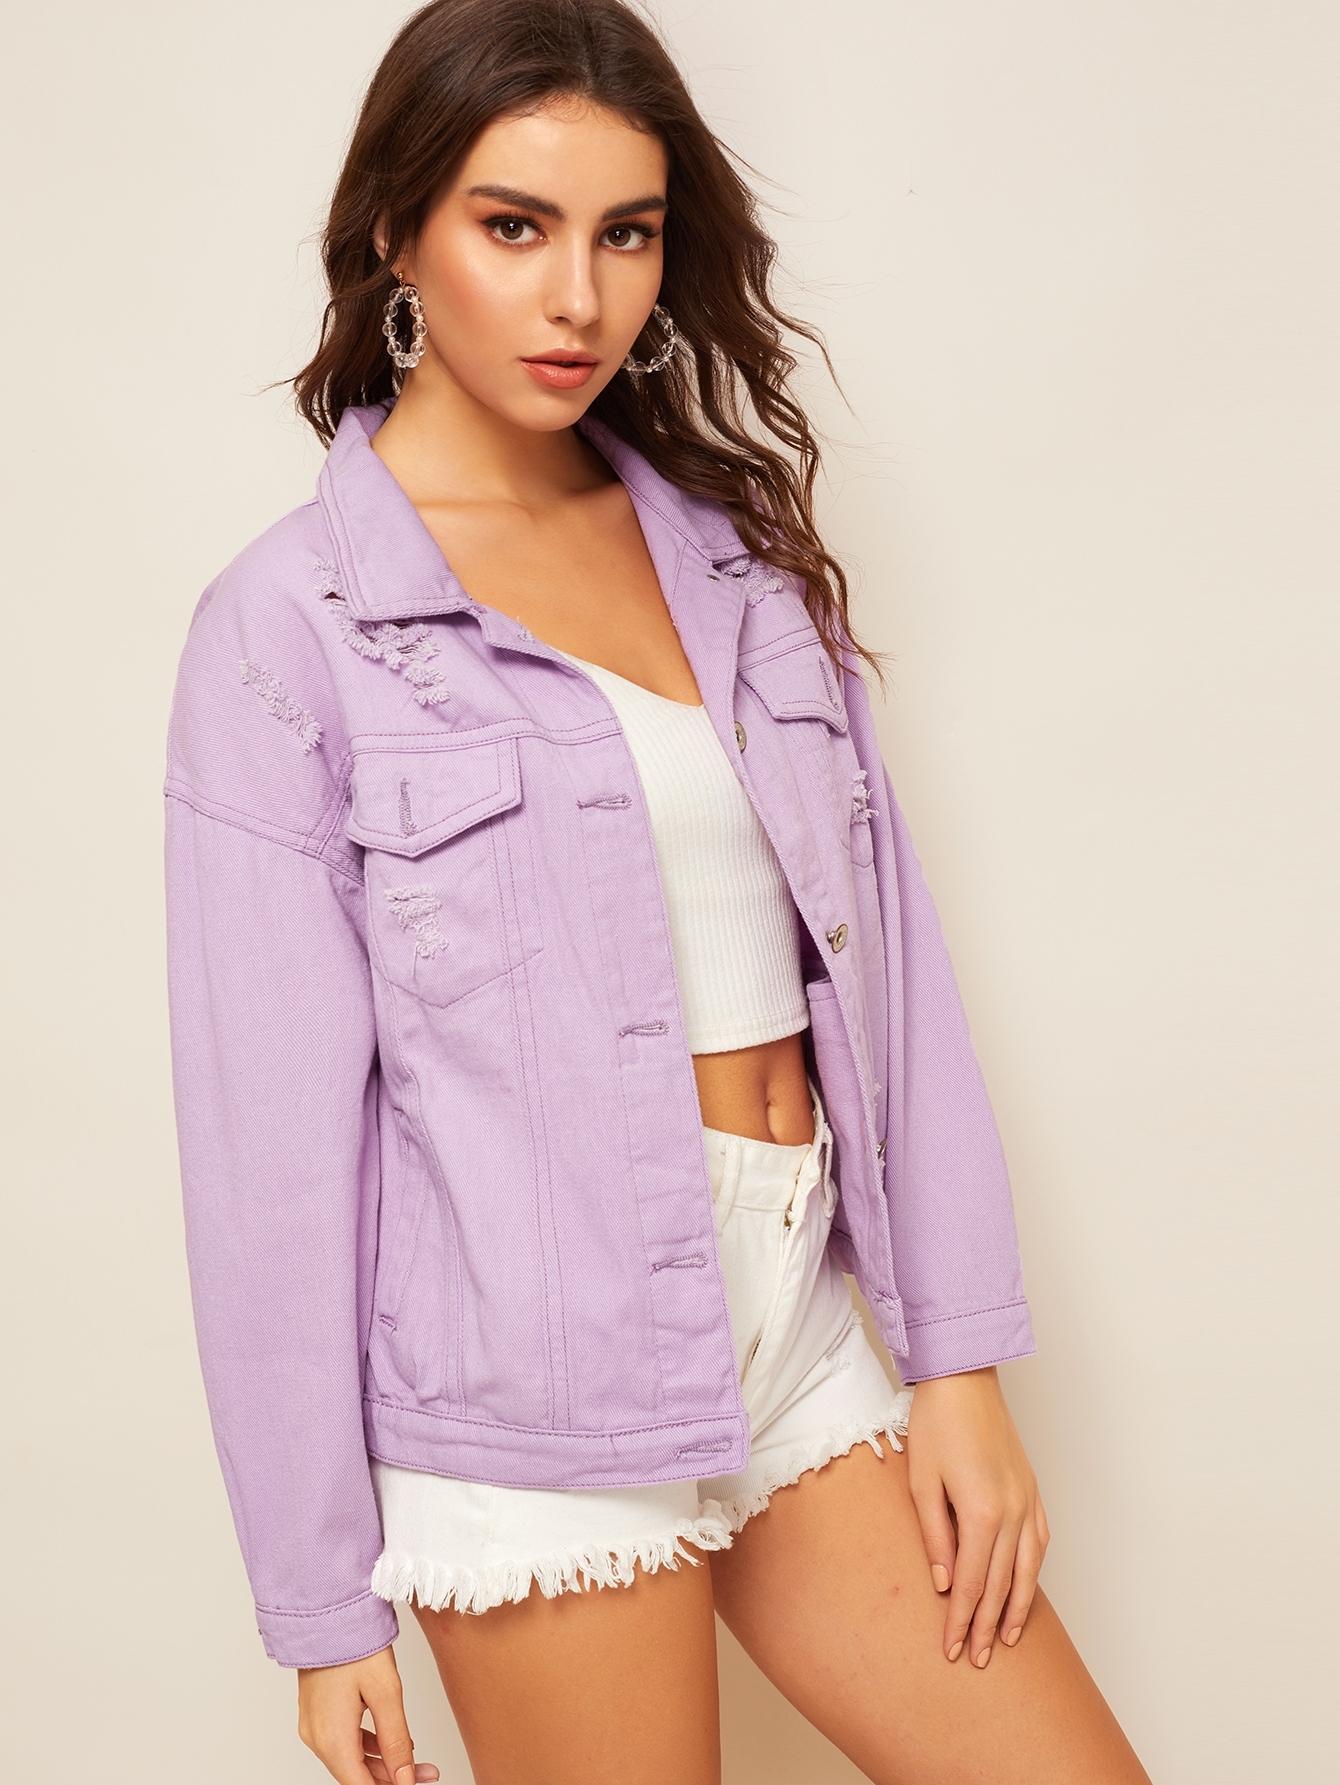 Фото - Рваная джинсовая куртка с пуговицами от SheIn фиолетового цвета